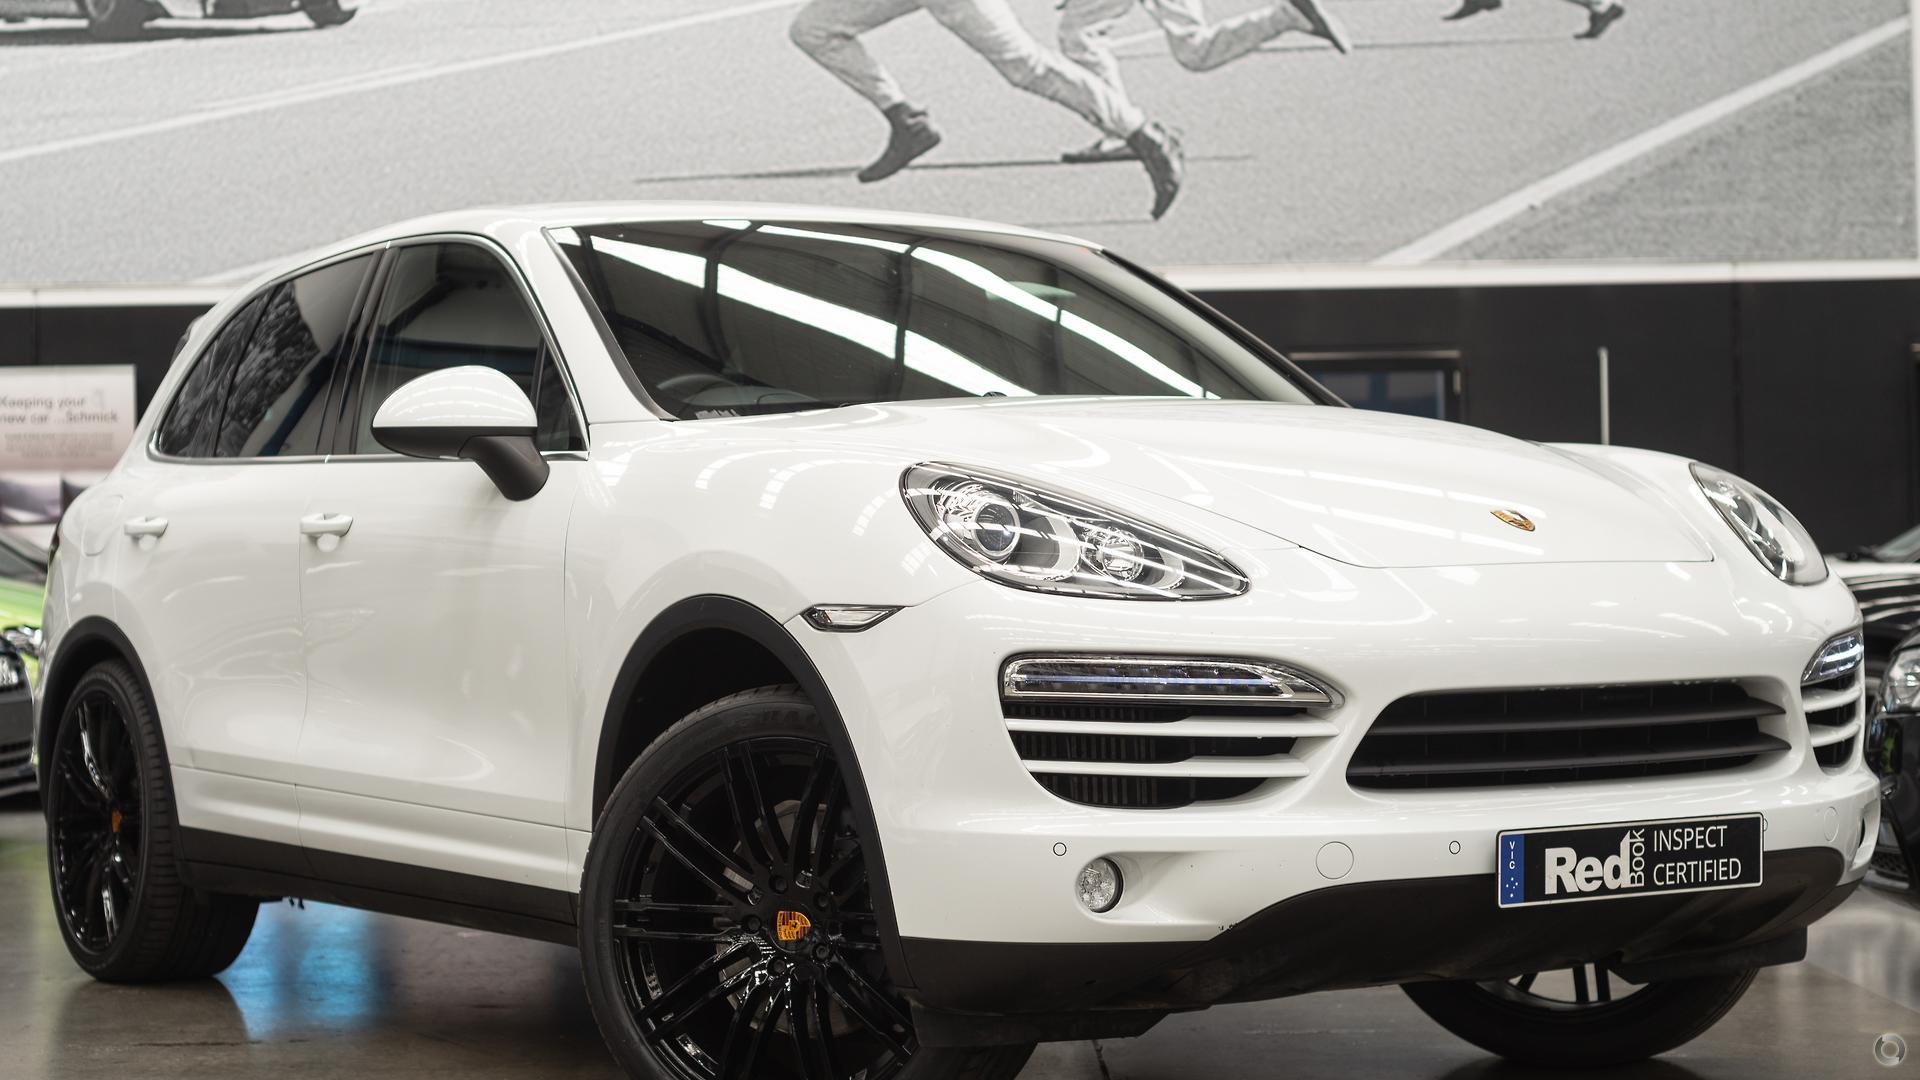 2012 Porsche Cayenne 92A